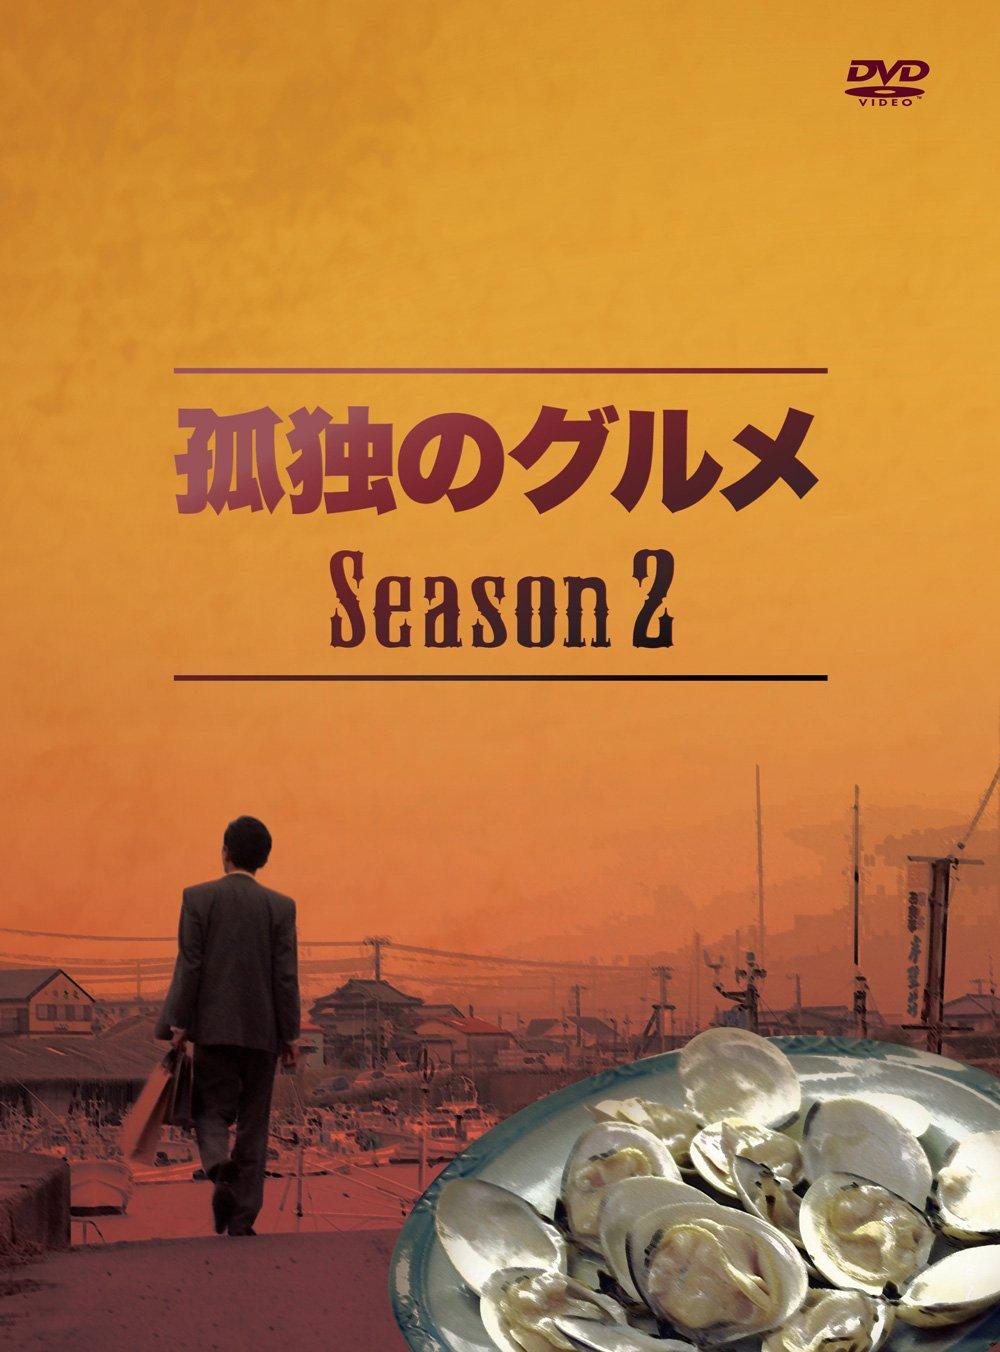 孤独のグルメ Season2 Season2 DVD-BOX 孤独のグルメ B00AH9XTQQ B00AH9XTQQ, カーテンラグのクーカンNetshop:1b064fdd --- jpworks.be